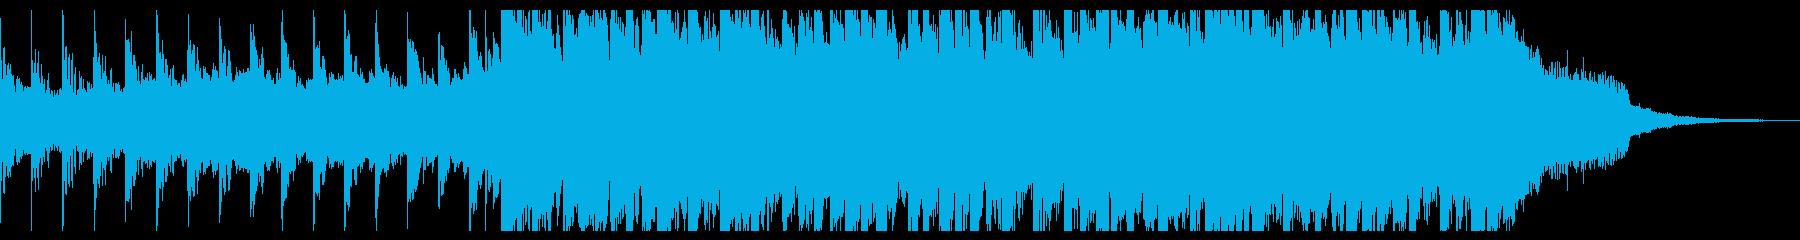 ポップロック 企業イメージ ポジテ...の再生済みの波形